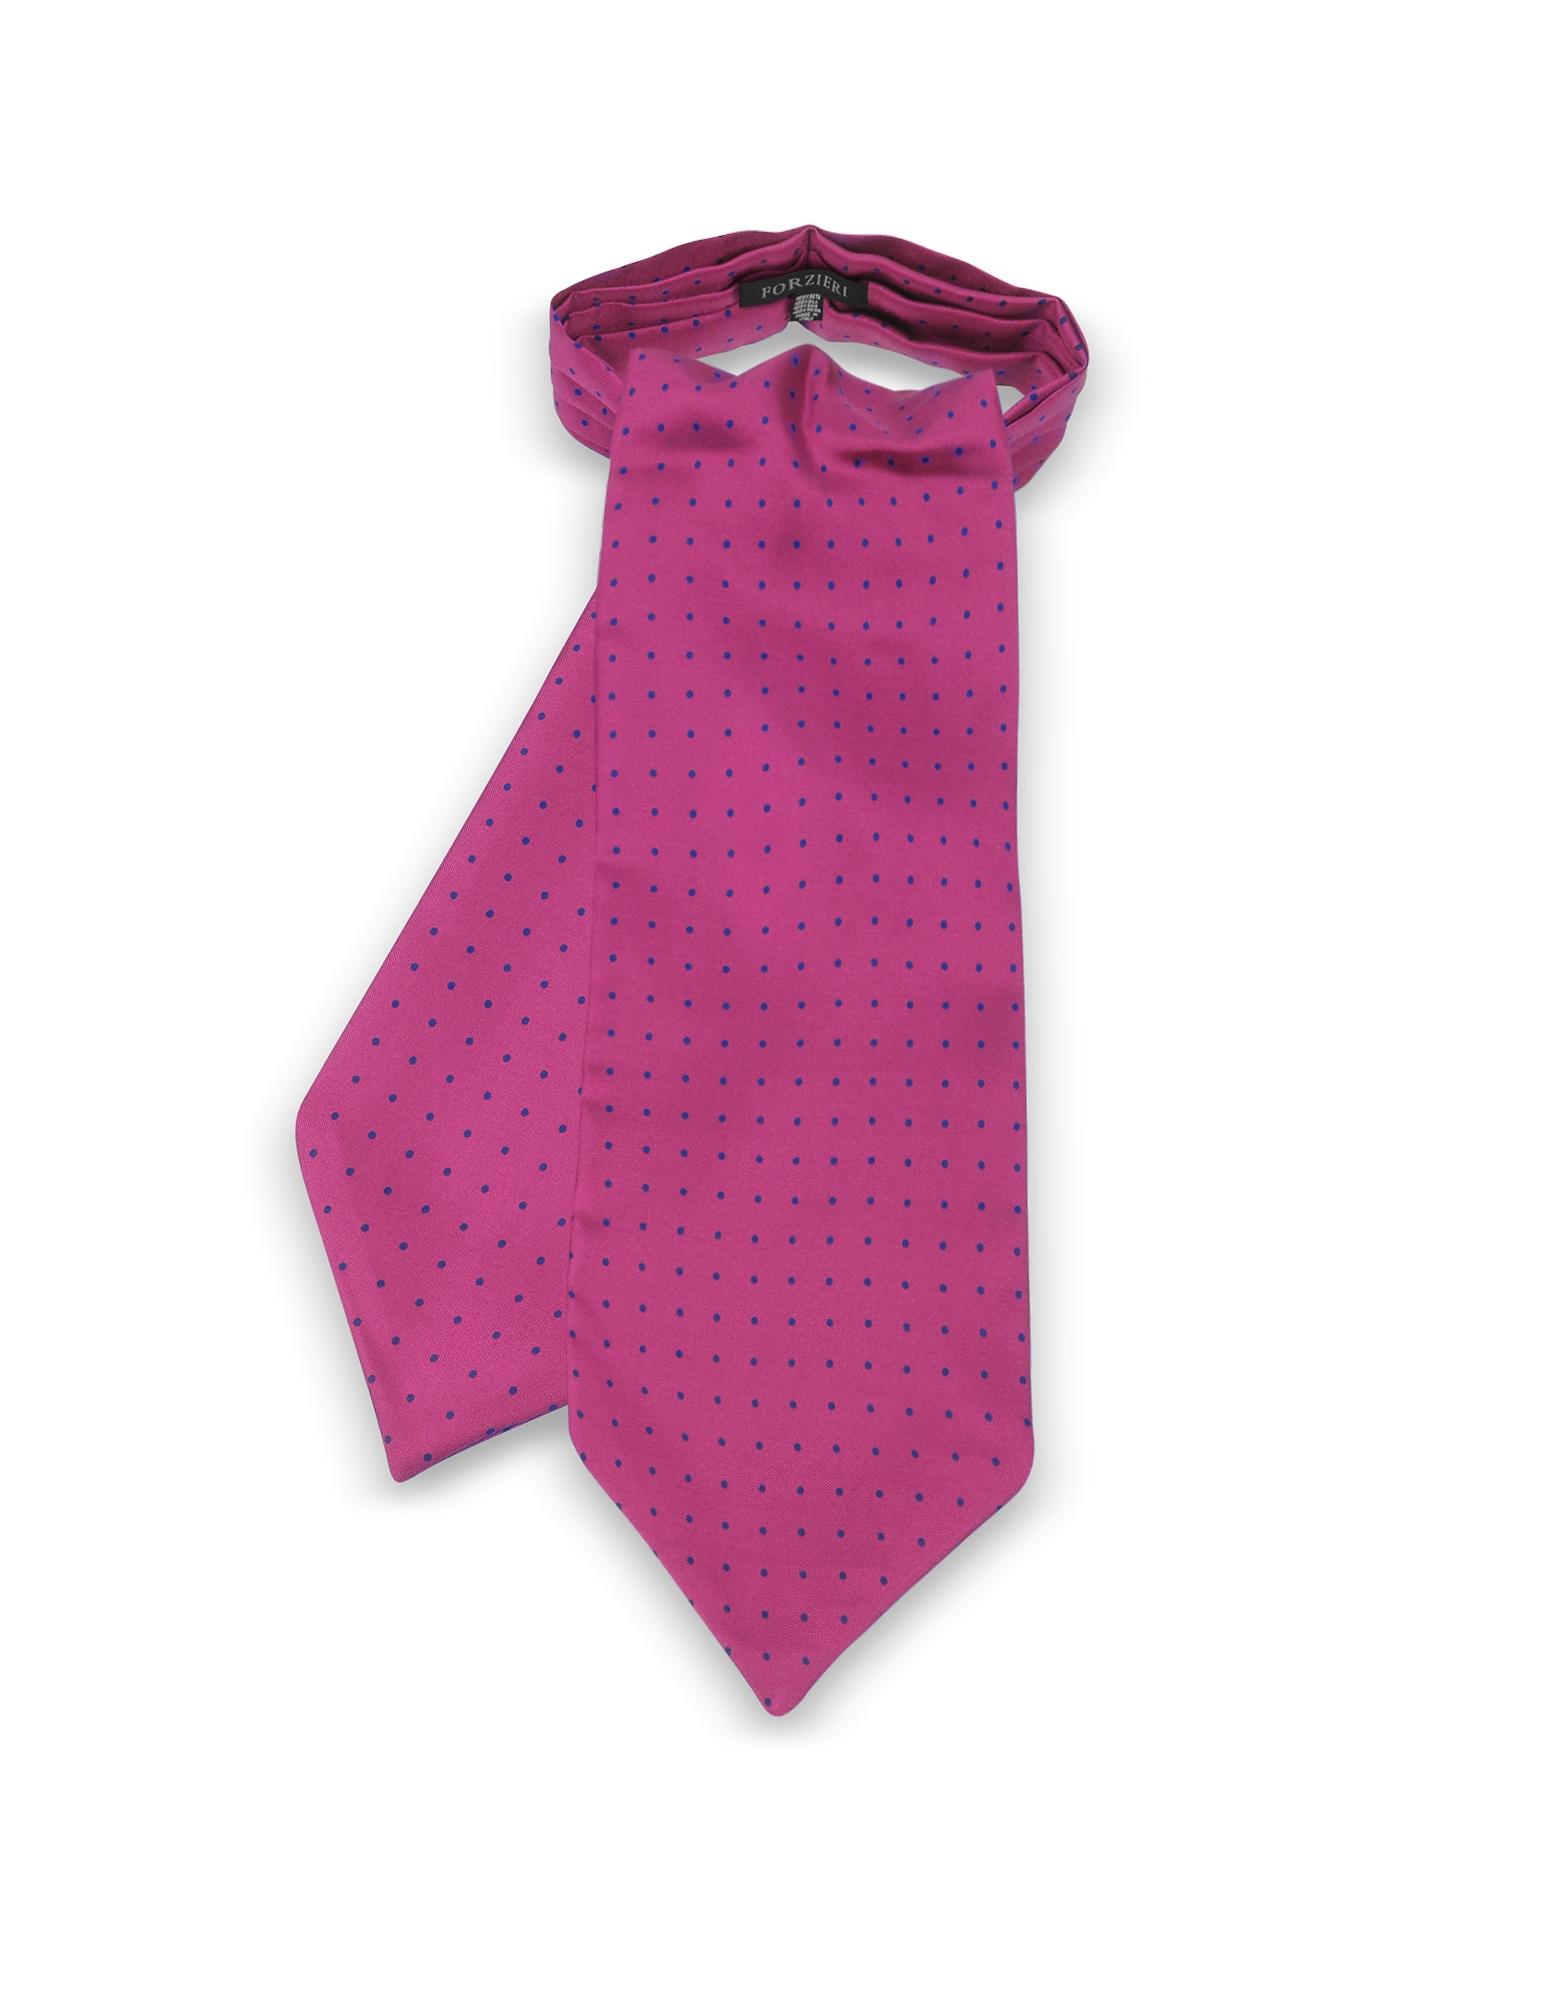 Forzieri Ascot ties, Polkadots Print Silk Tie Ascot